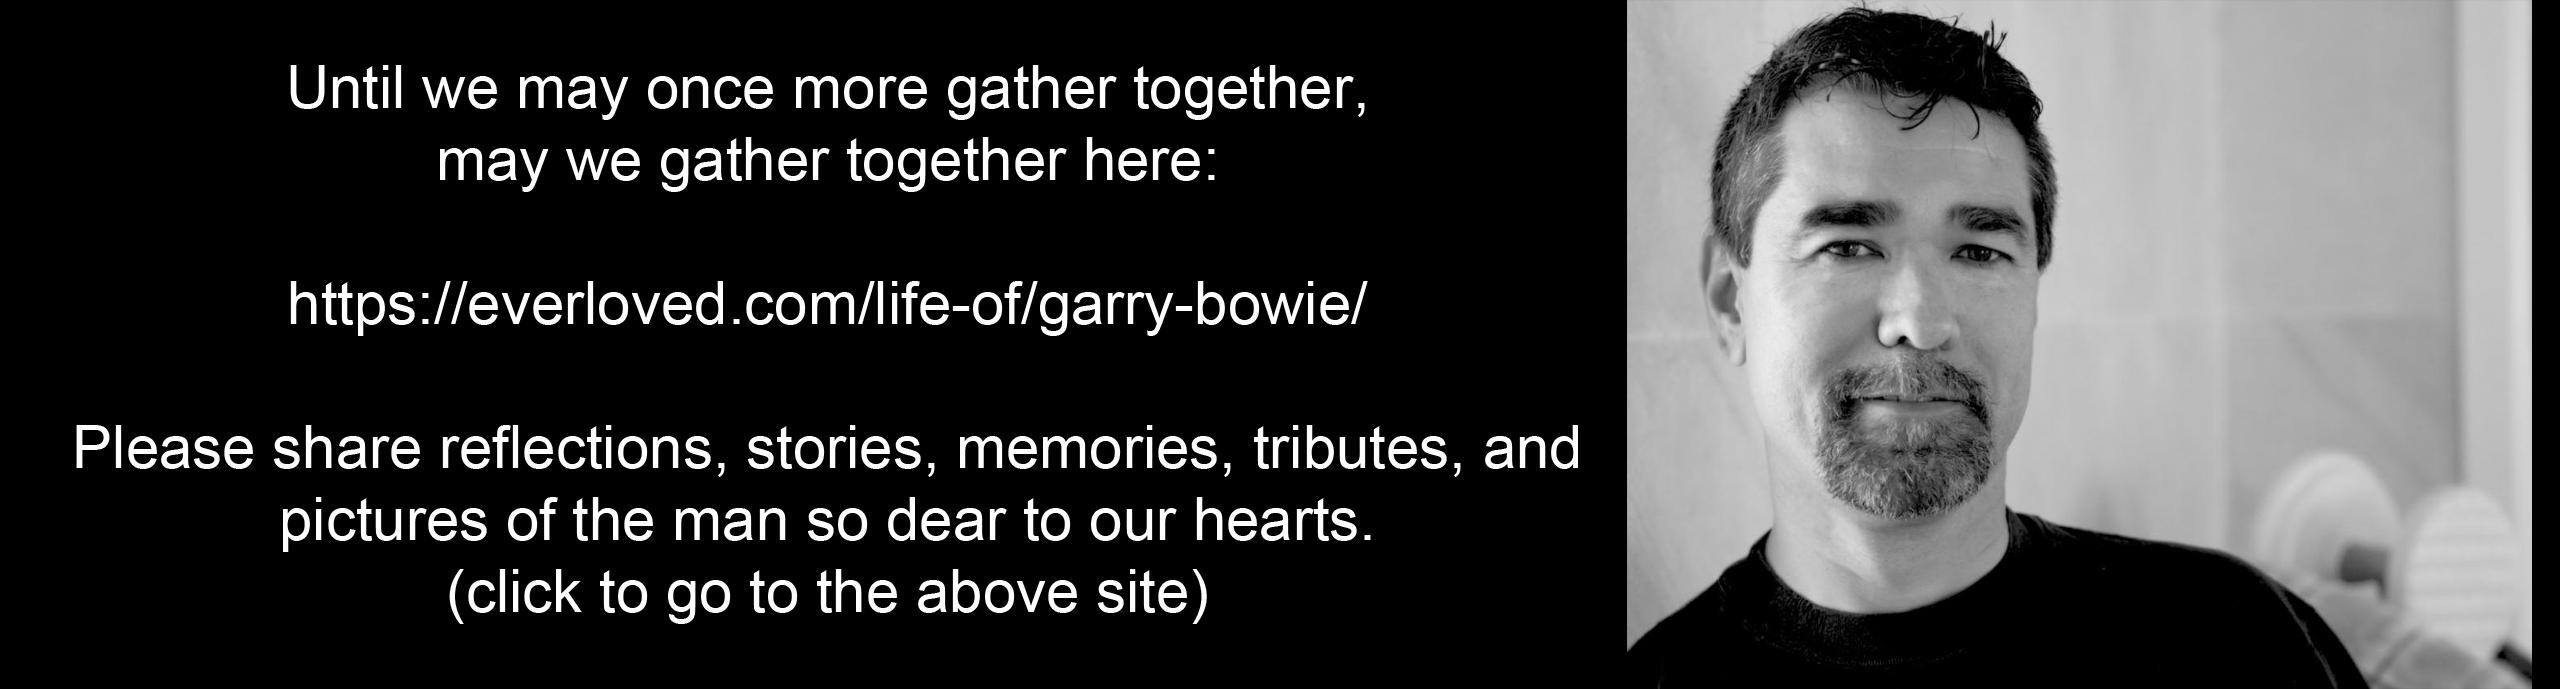 Garry George Bowie